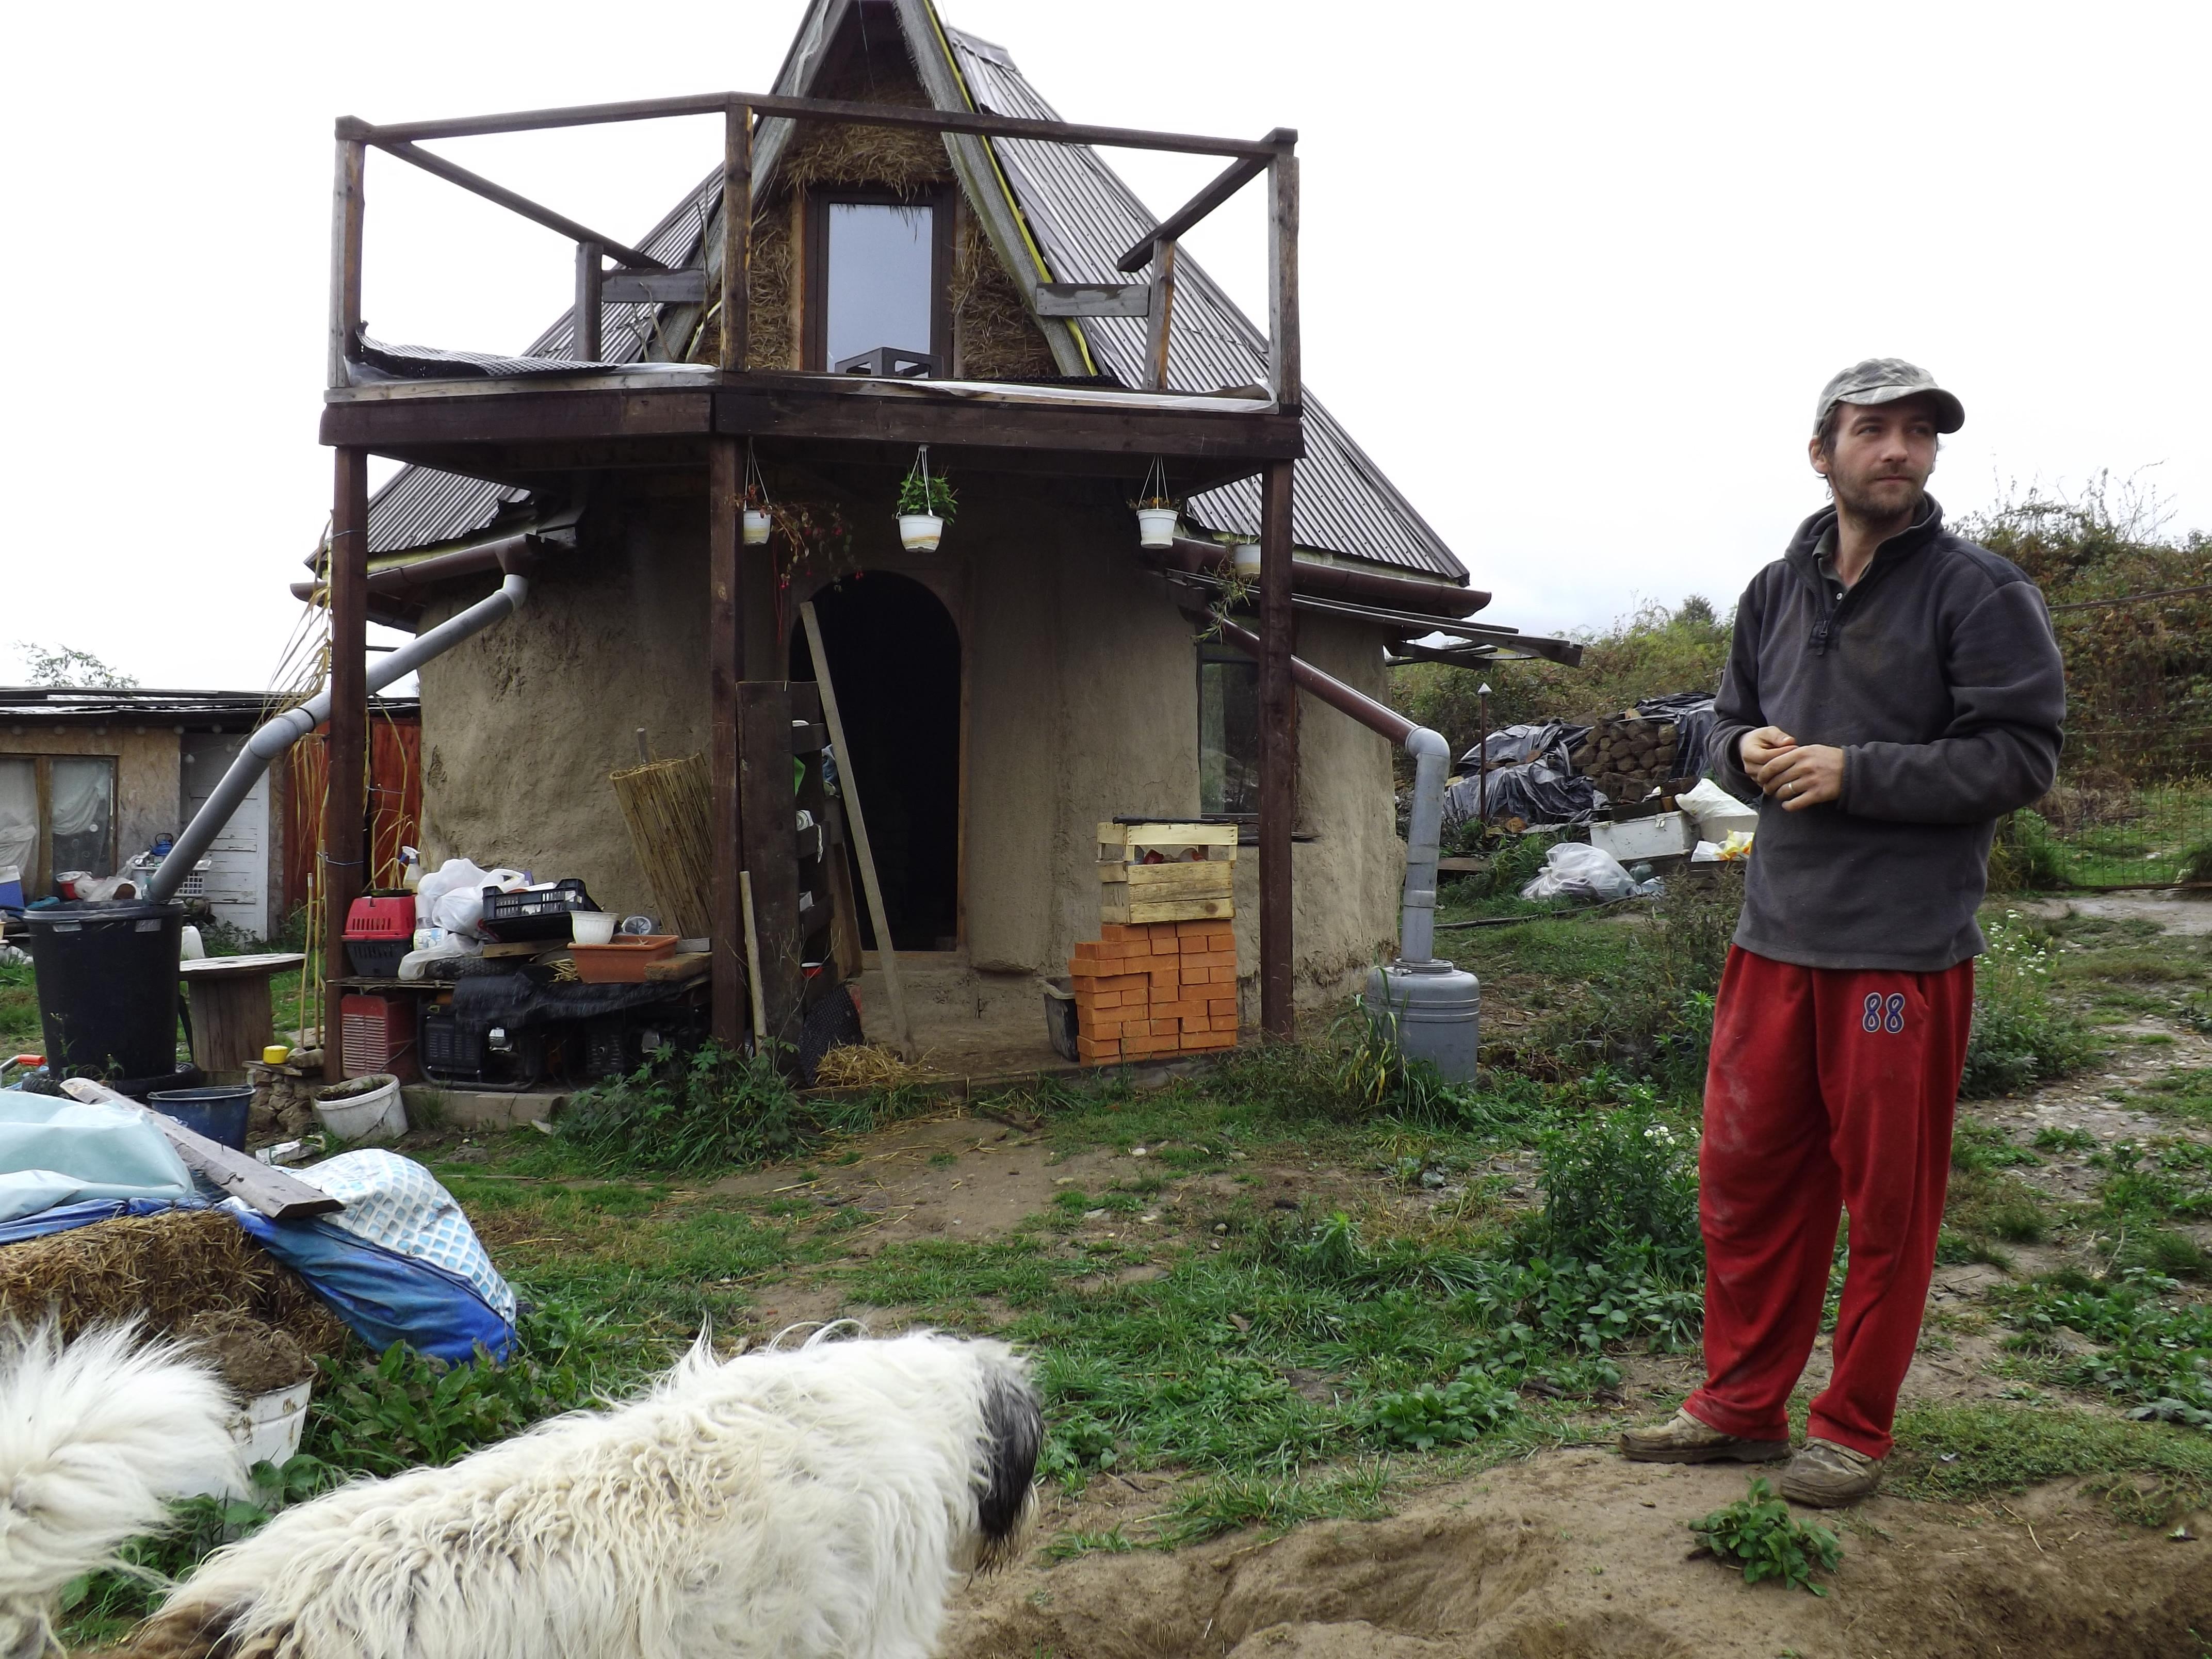 Casa din poveşti. Cum au reuşit doi actori să-şi ridice propria casă, cu doar 3.500 de euro – FOTO